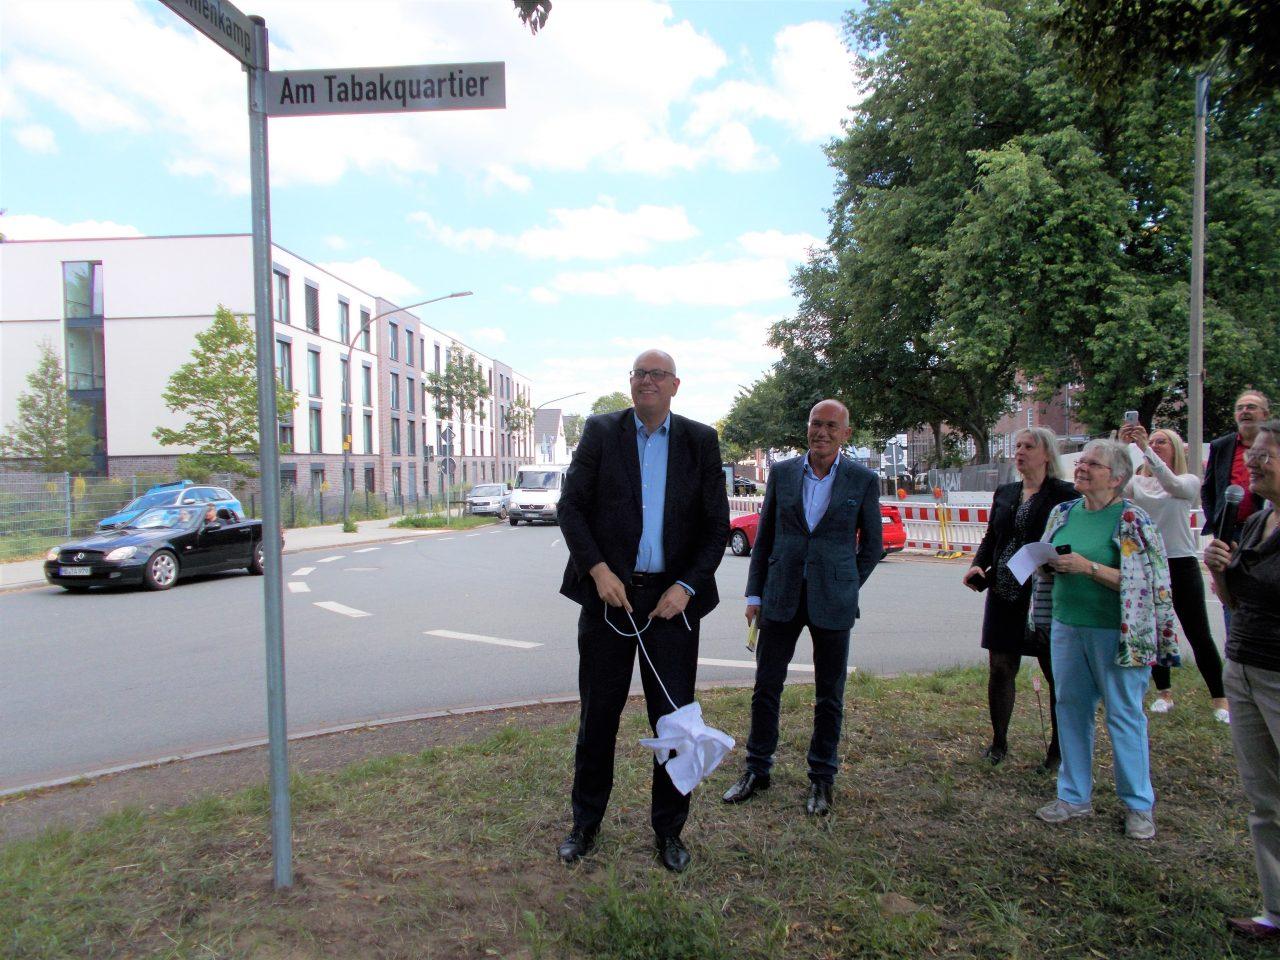 20200713_Von links Andreas Bovenschulte, Joachim Linnemann, Anja Schiemann, Edith Wangenheim